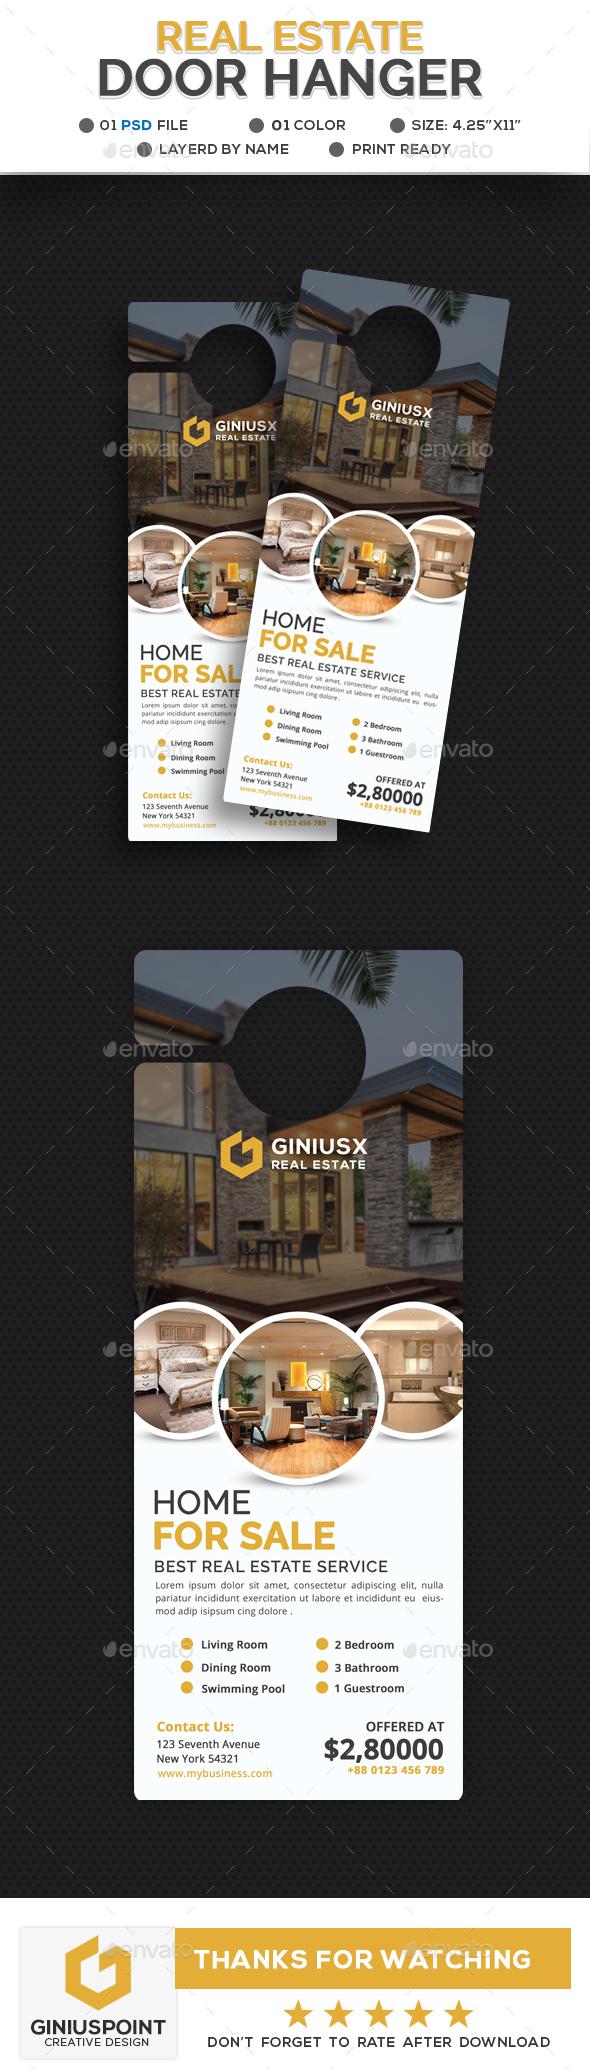 Real Estate Door Hanger by GeniusPoint | GraphicRiver